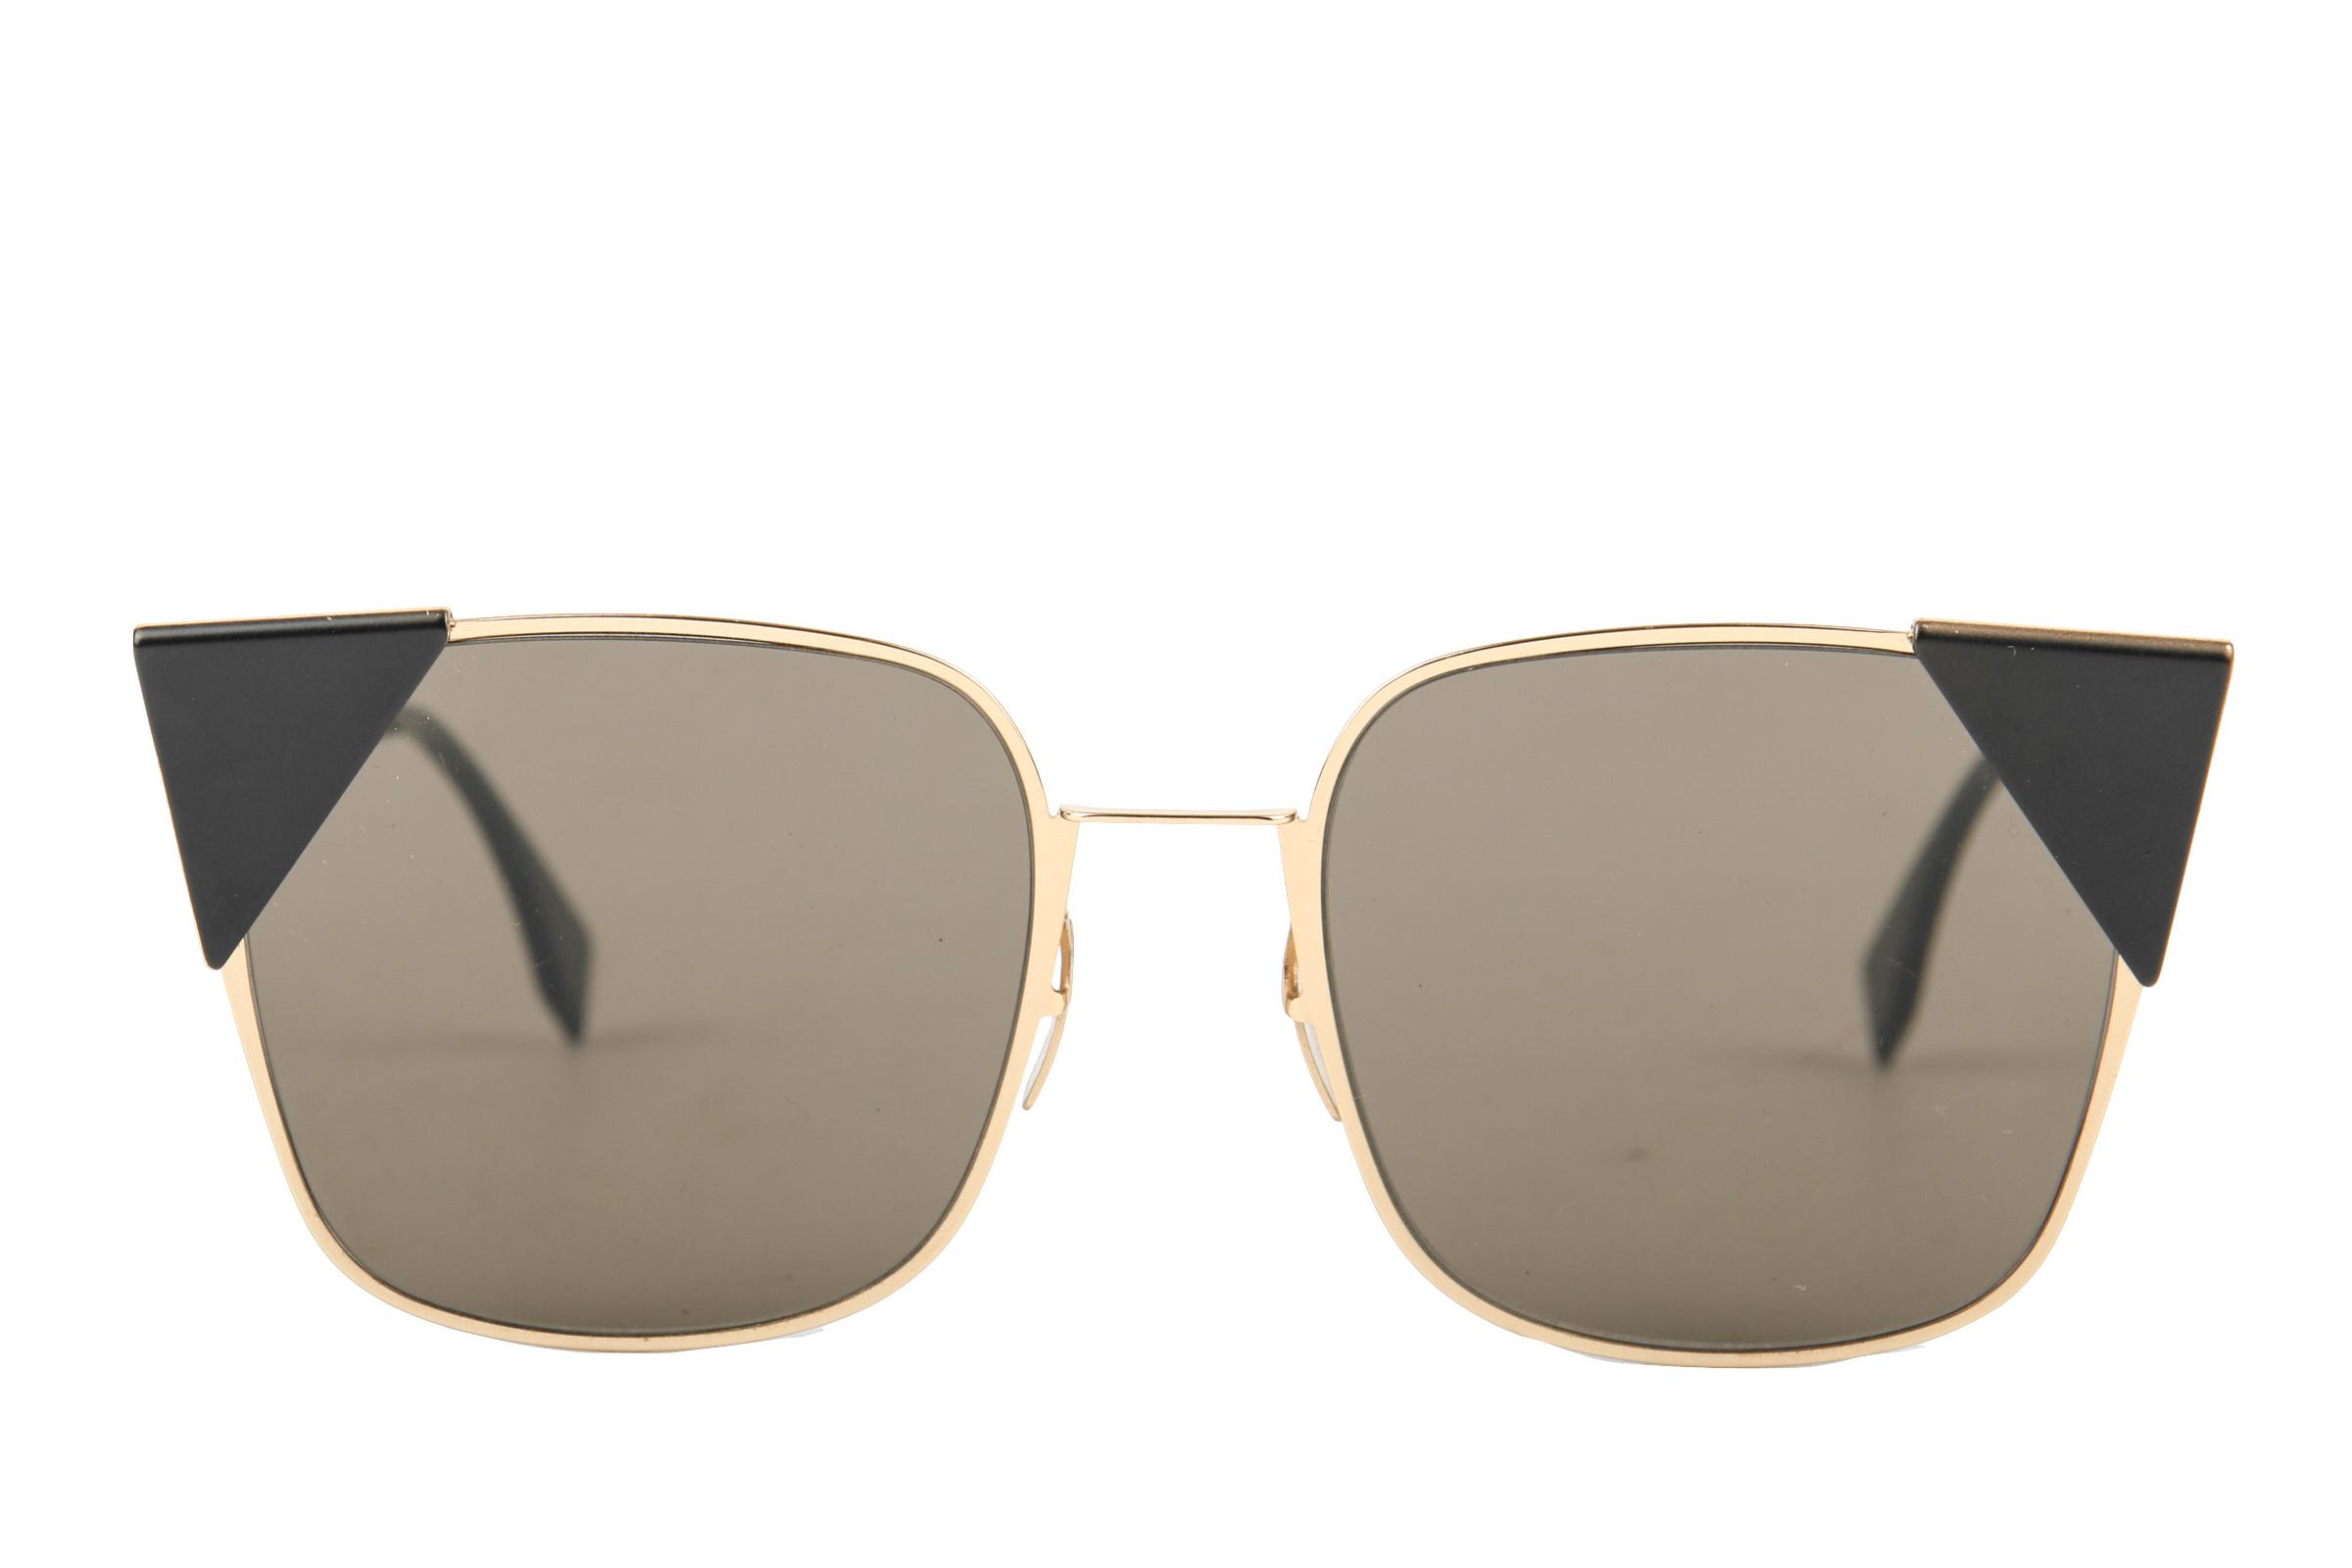 0610c5d1a7 Fendi Sonnenbrille FF01091 S 000 2M